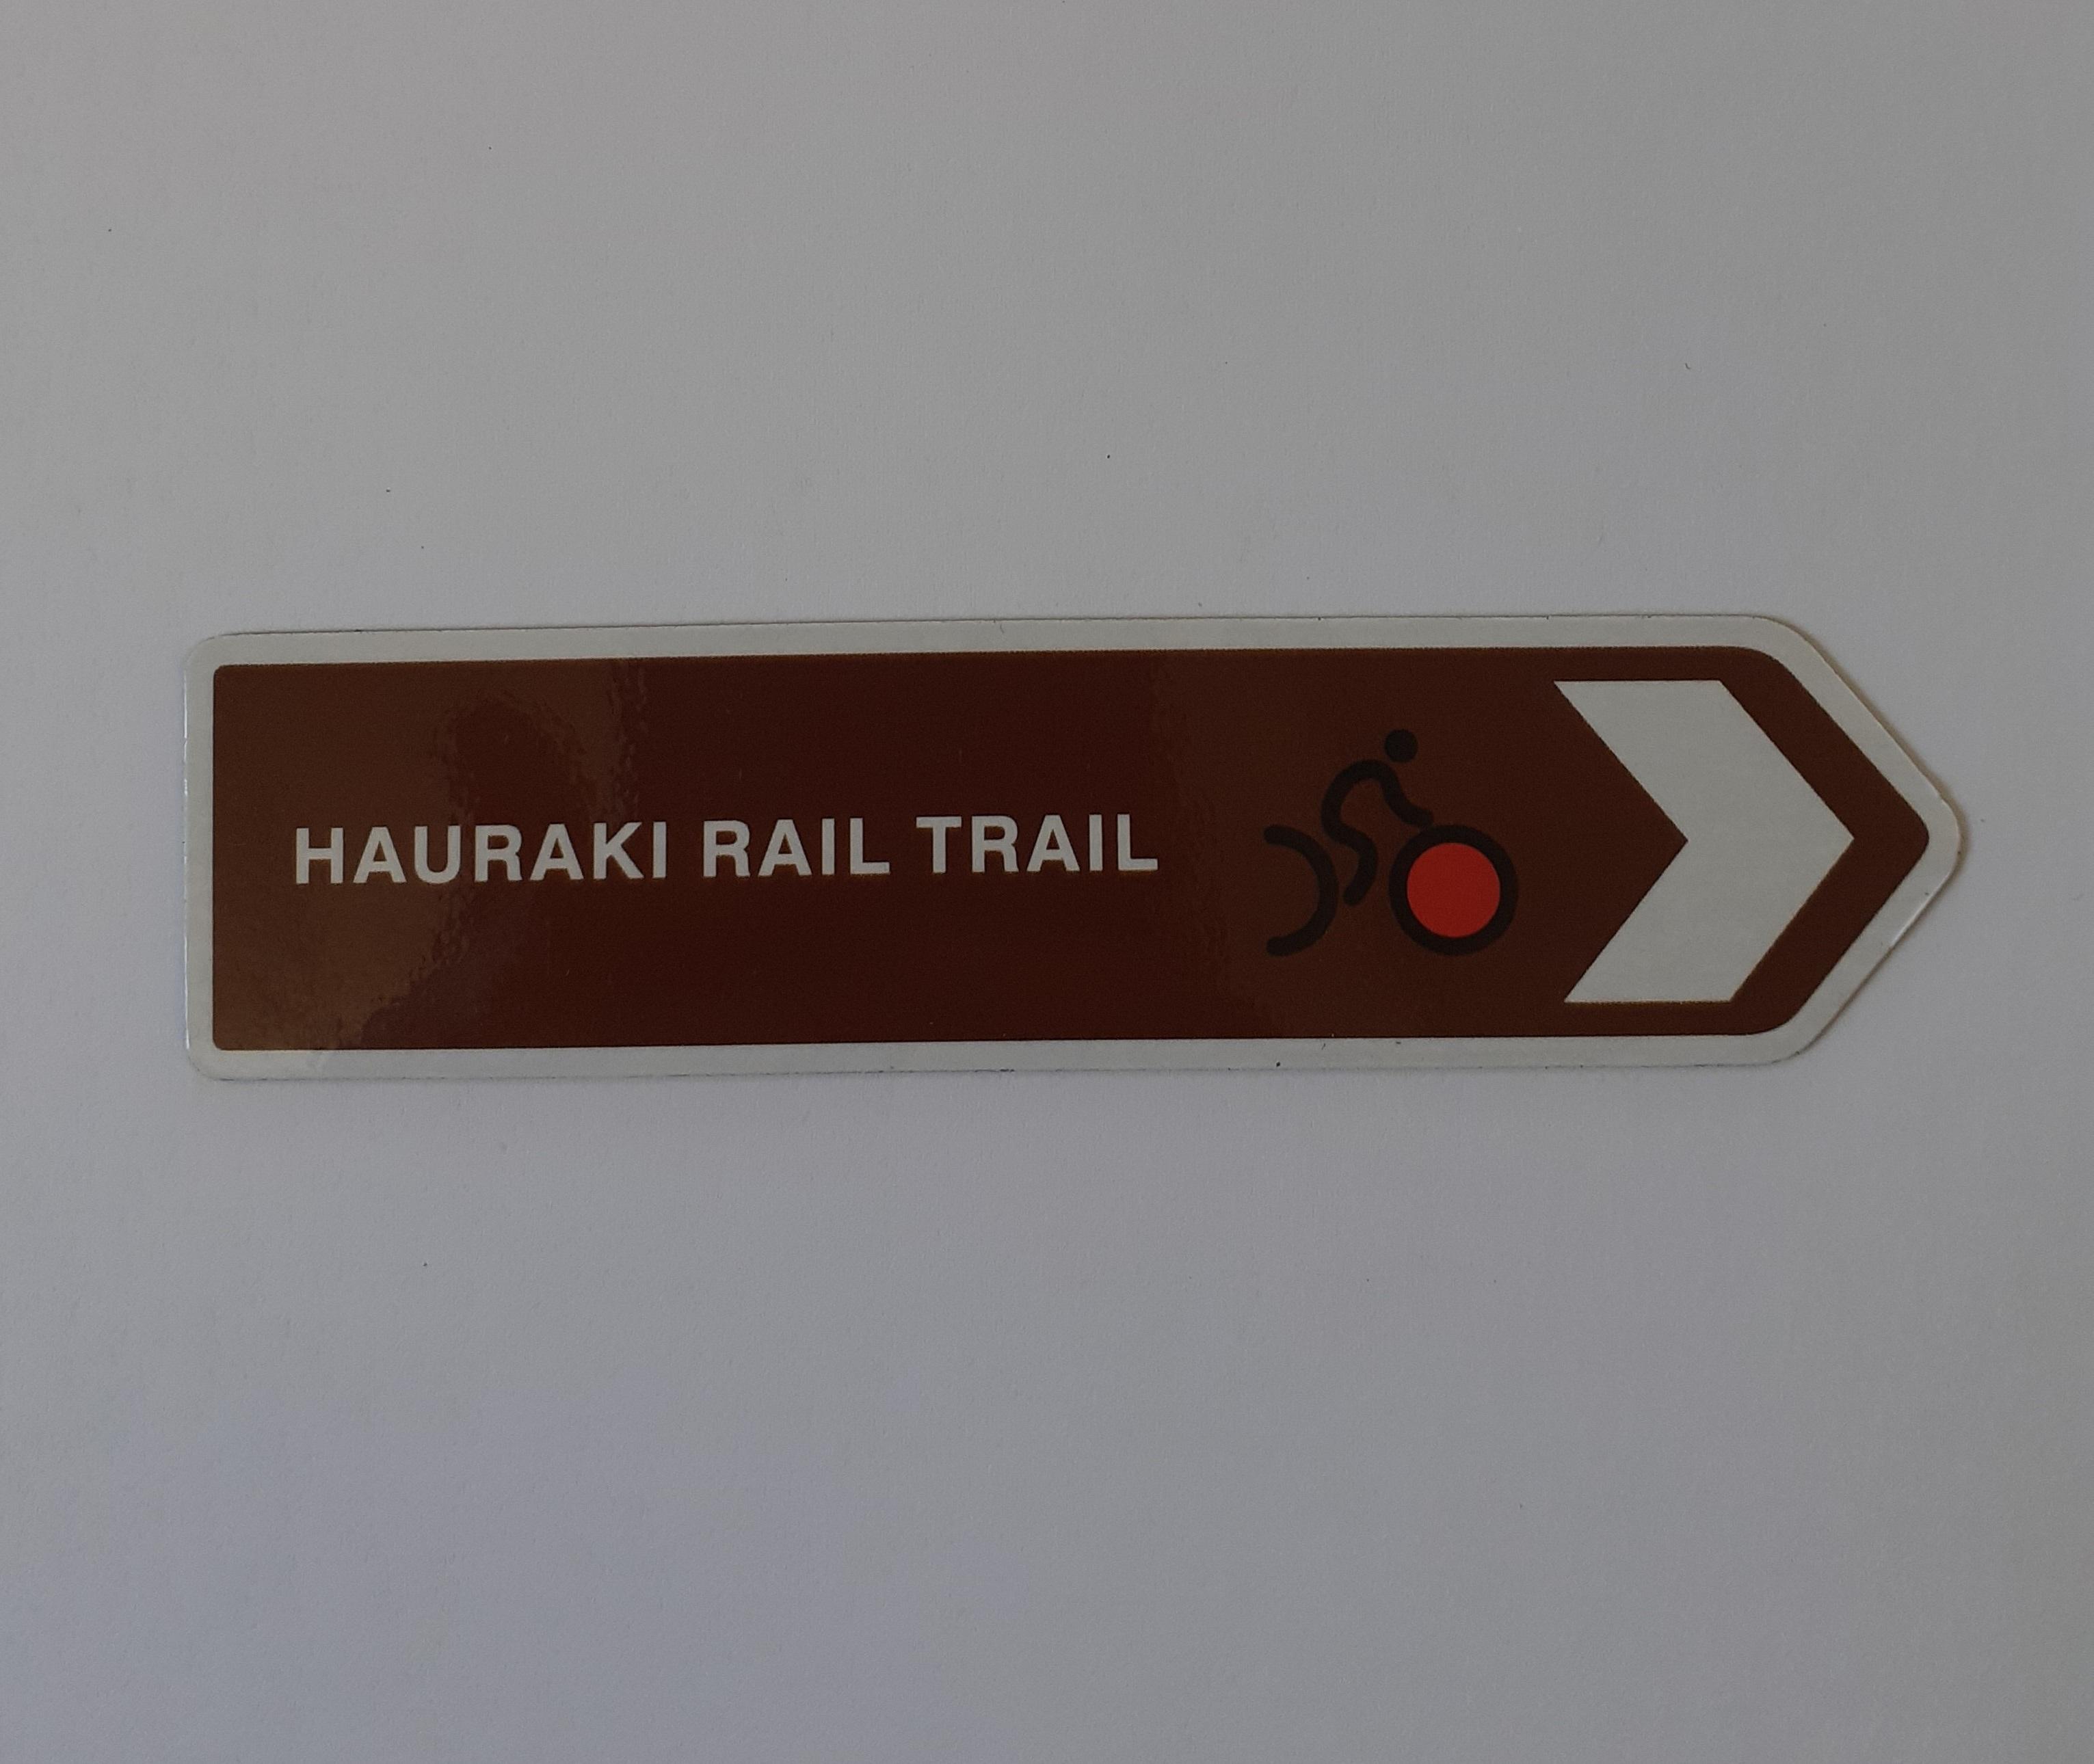 Fridge magnet - Hauraki Rail Trail